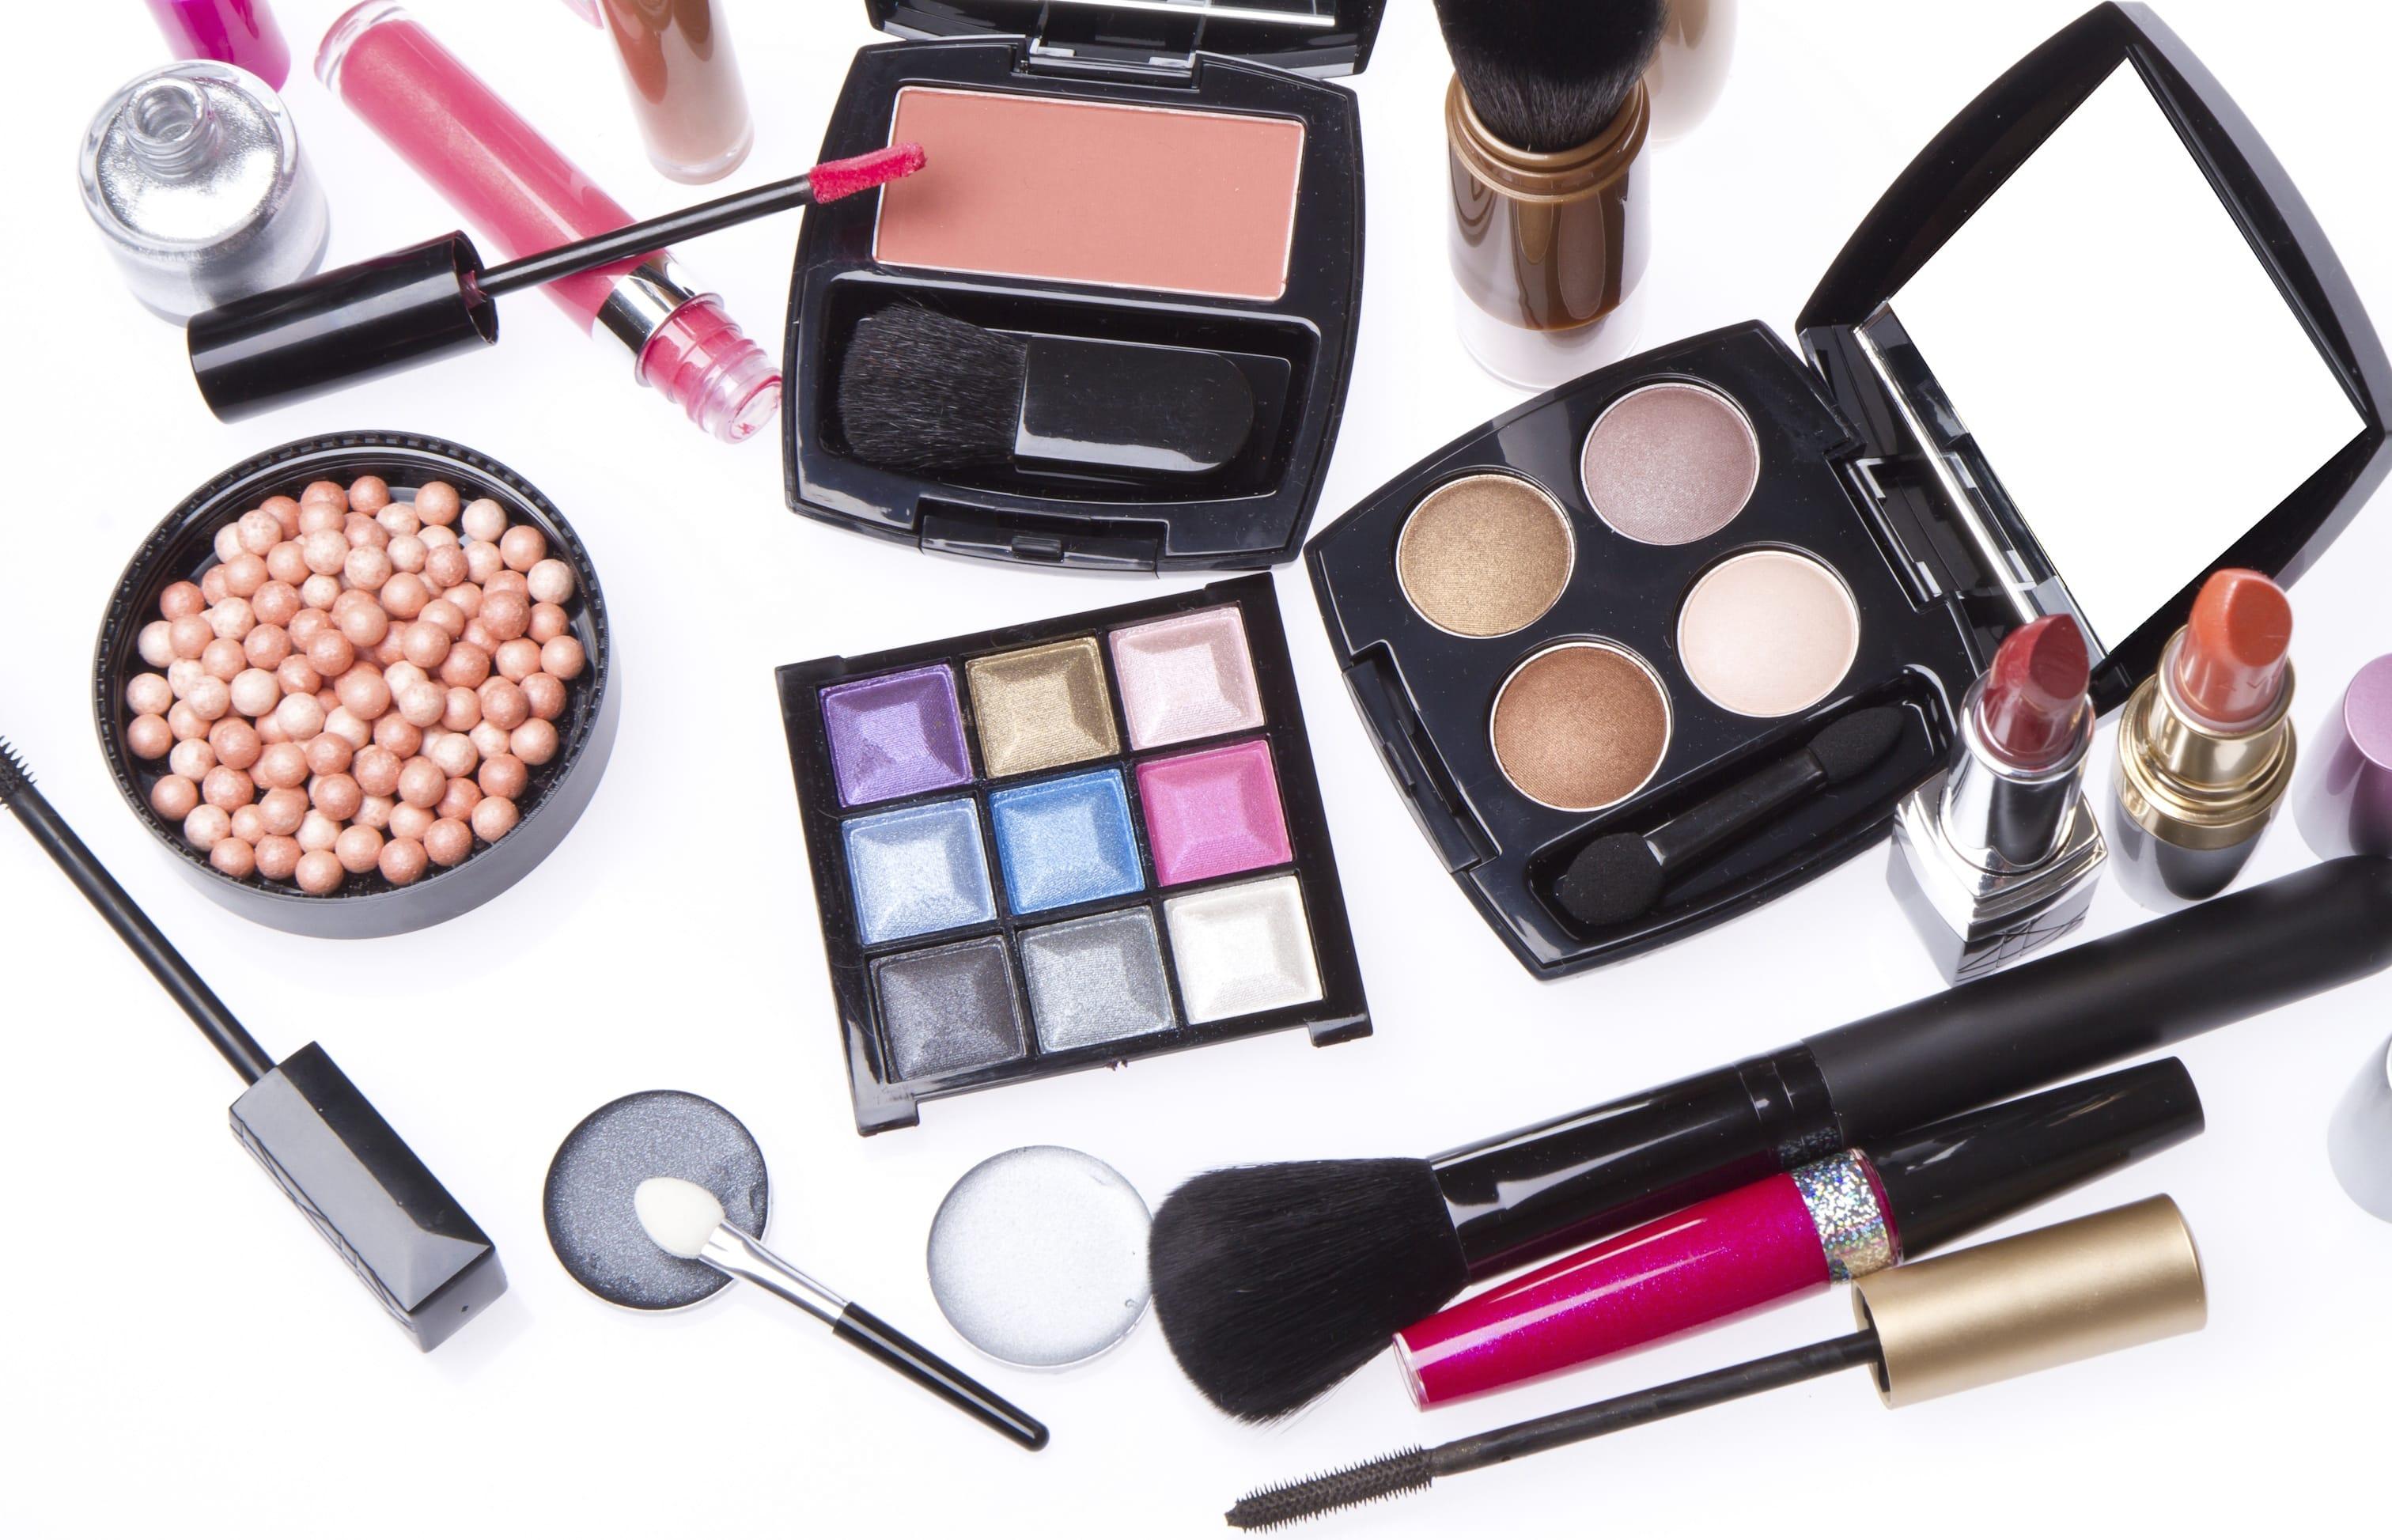 come riutilizzare i vecchi cosmetici